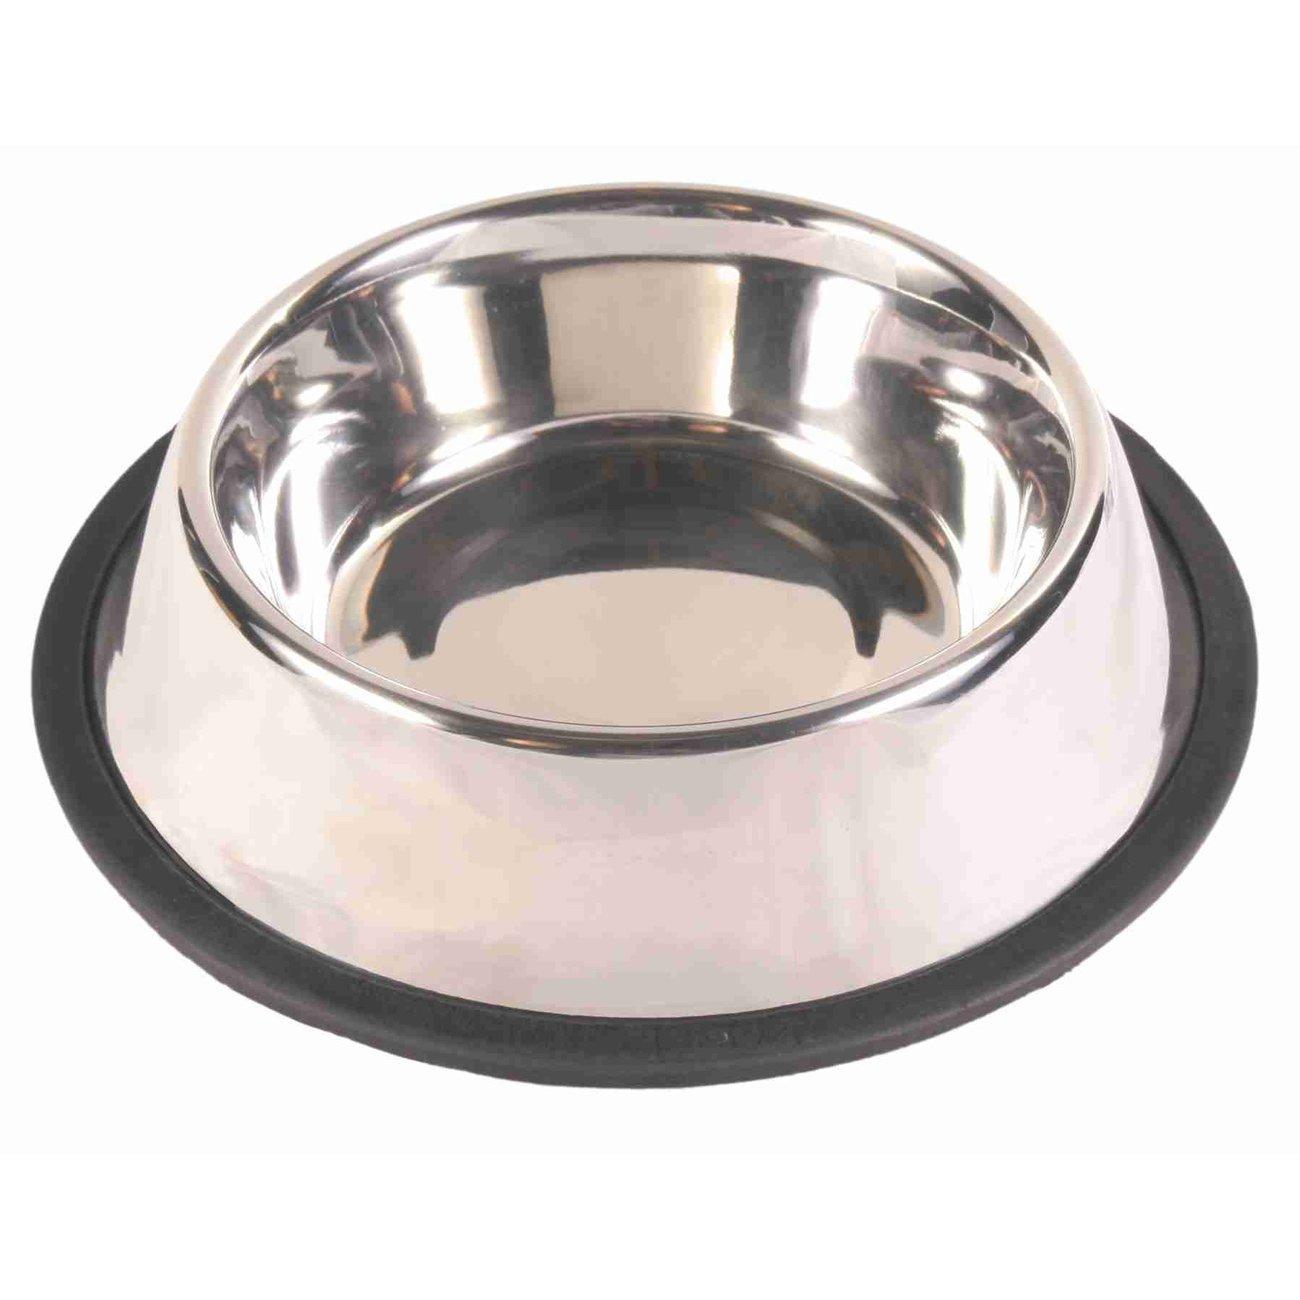 TRIXIE Hundenapf Edelstahl mit Gummiring, schwer 24851, Bild 2